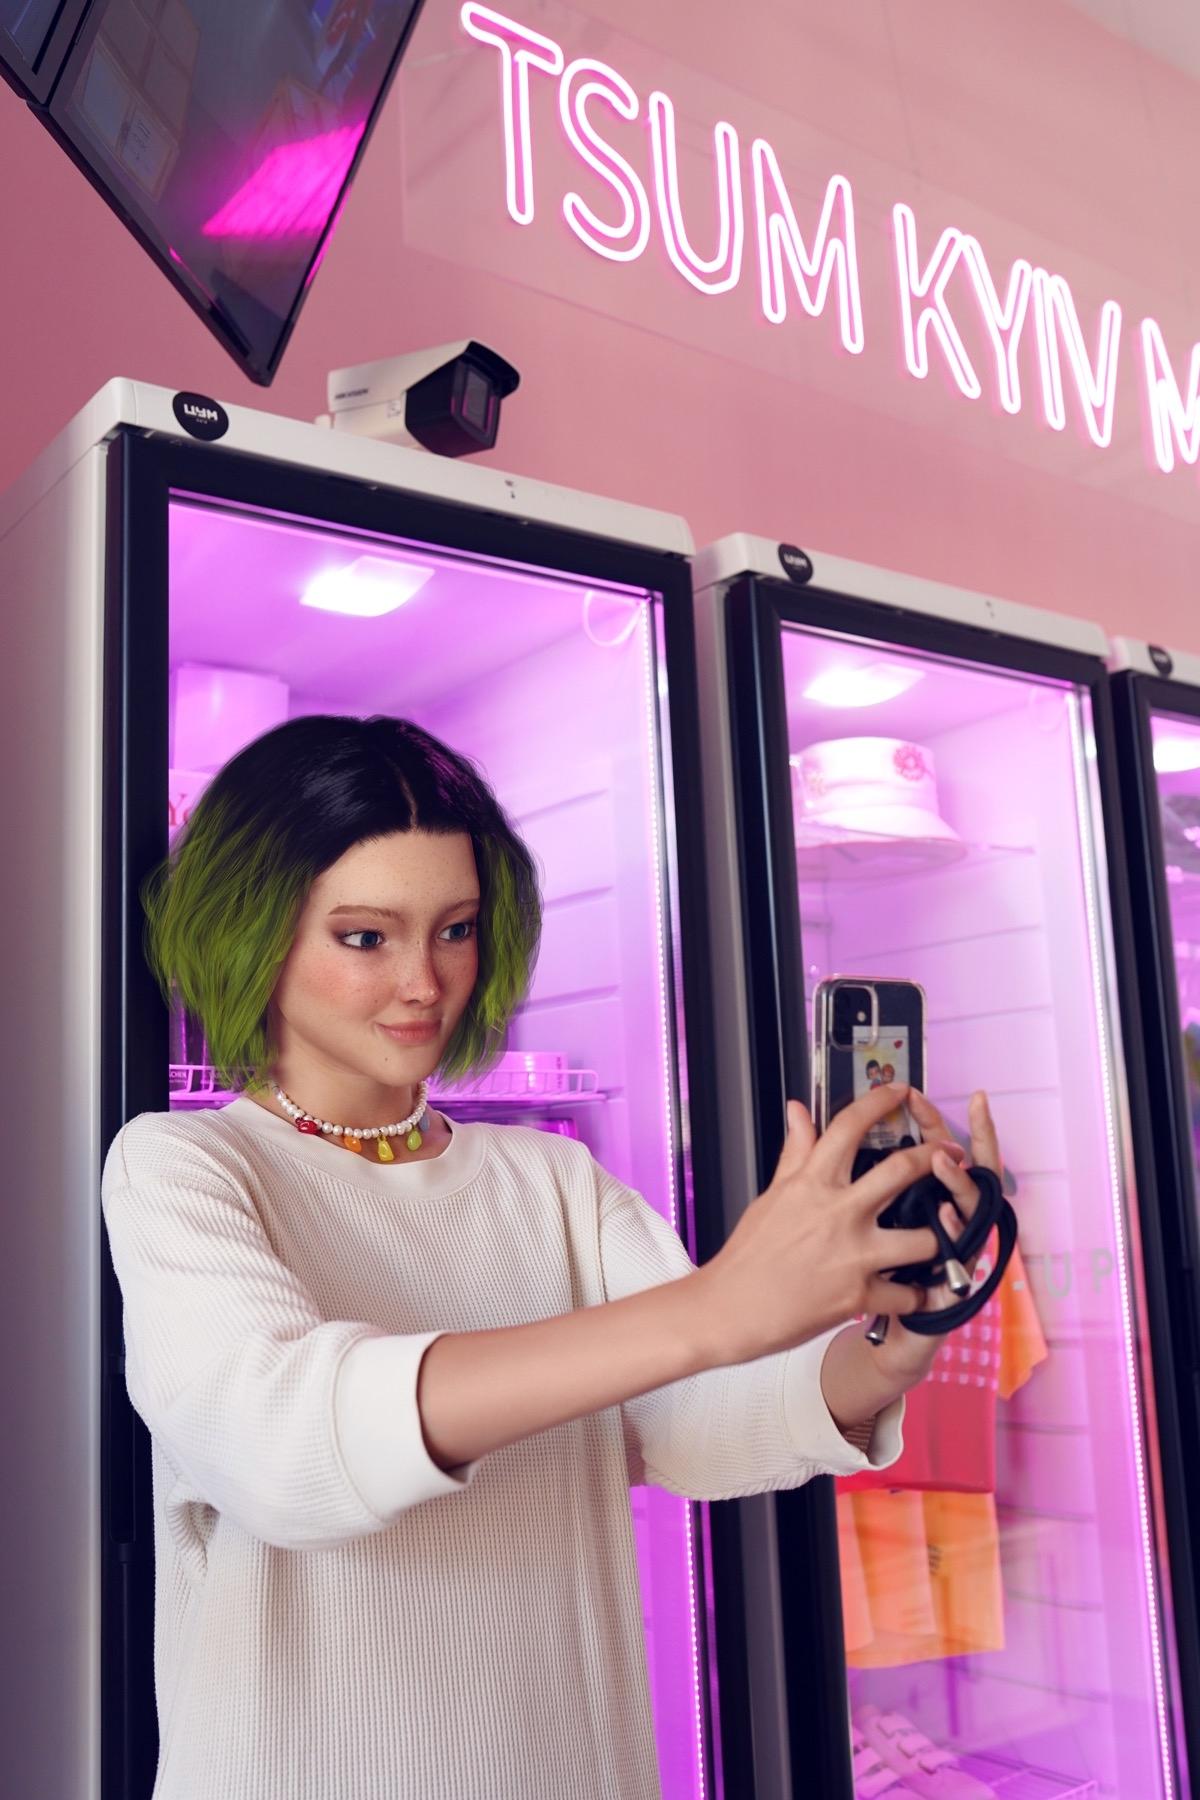 В Украине создали первую цифровую fashion-инфлюенсерку в Instagram: ее зовут Астра Стар (ФОТО) - фото №2